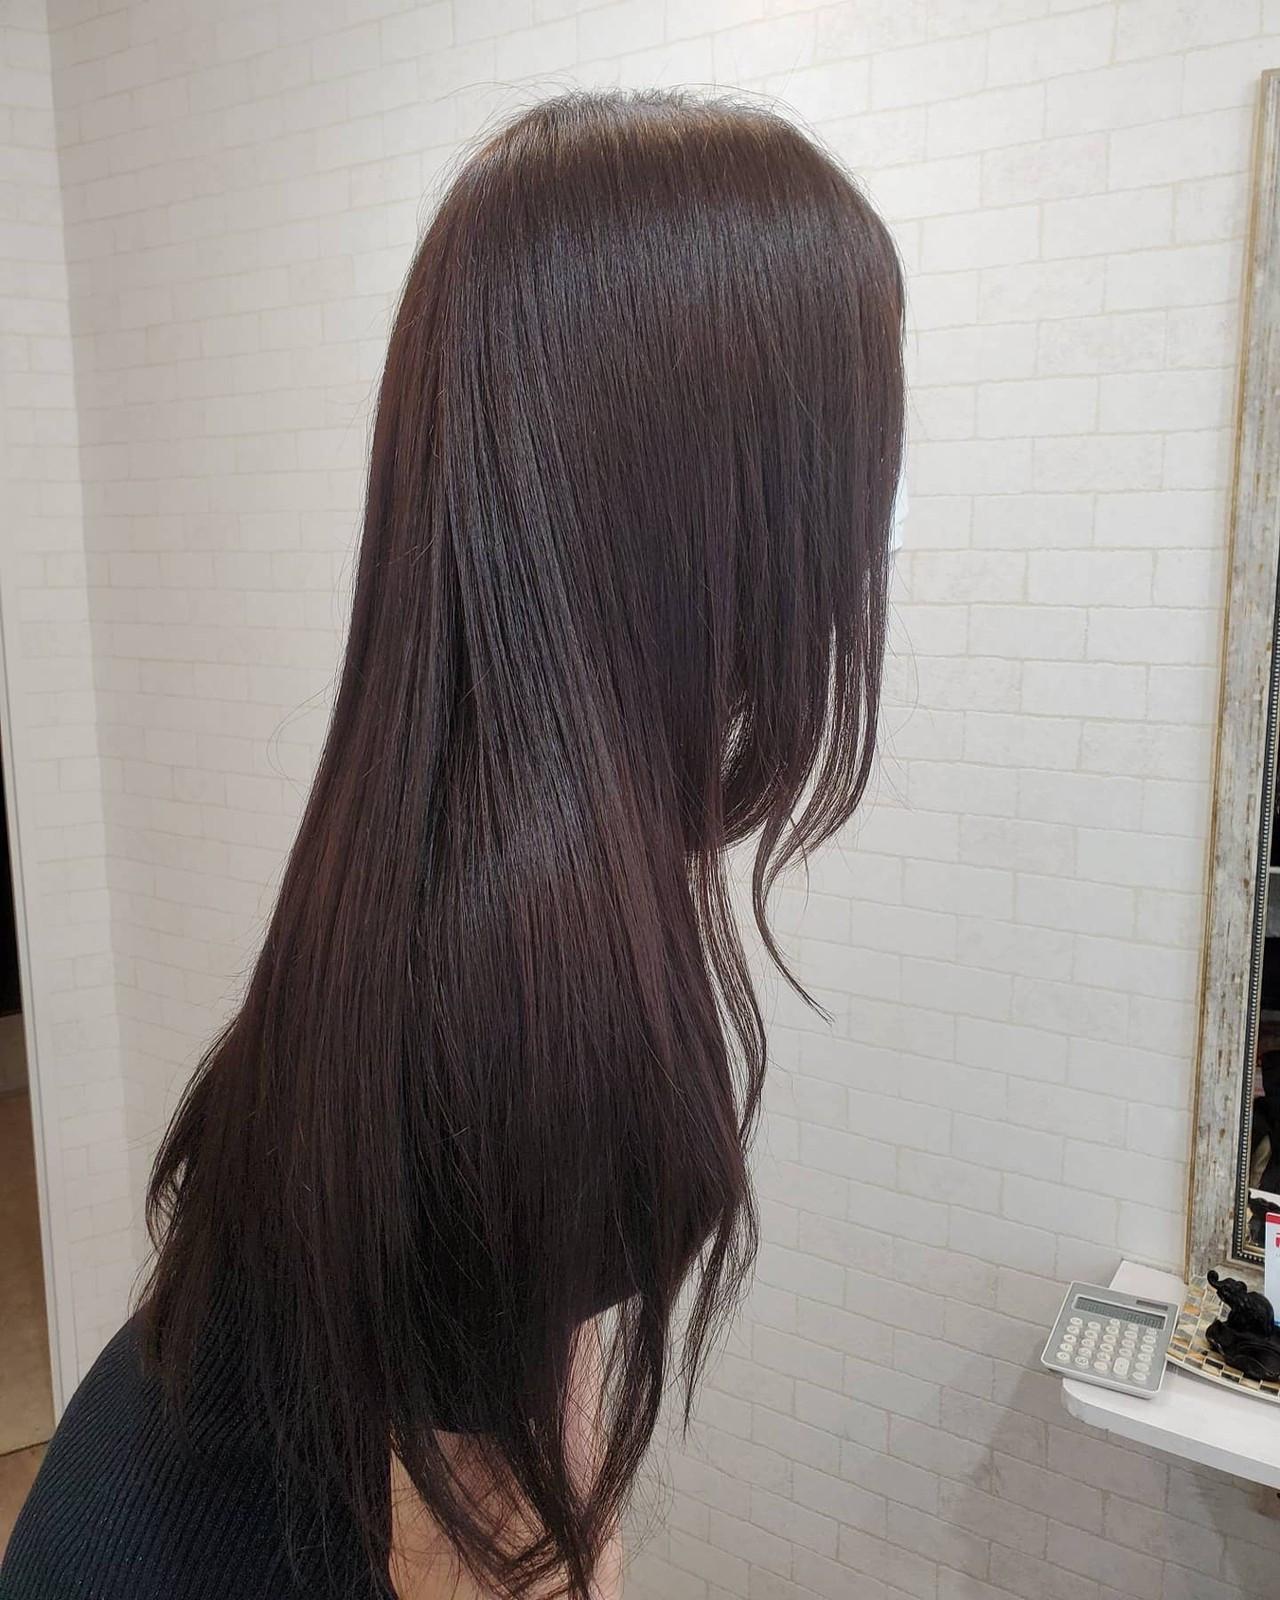 縮毛矯正ストカール エレガント ロング 縮毛矯正 ヘアスタイルや髪型の写真・画像